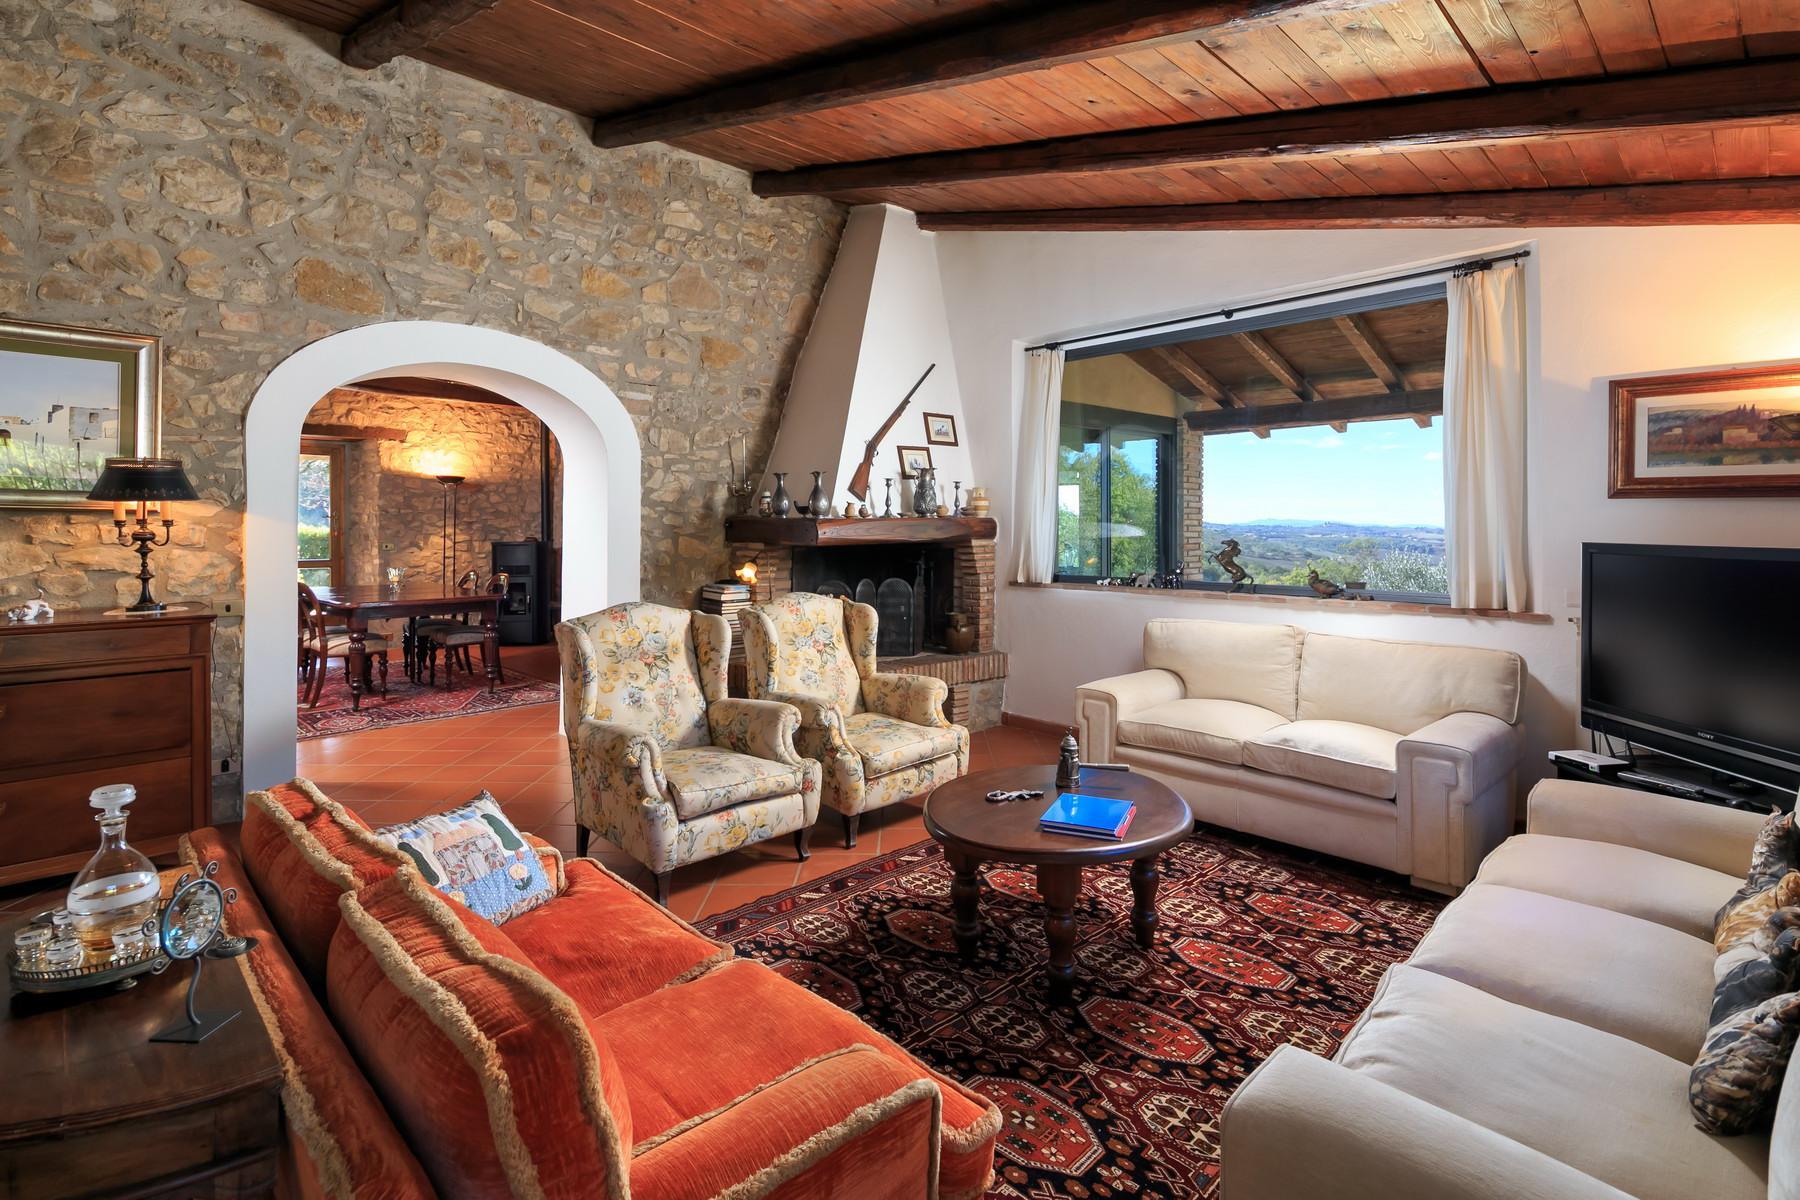 俯瞰Saturnia和周边优美景致的农舍且享有副楼 - 14